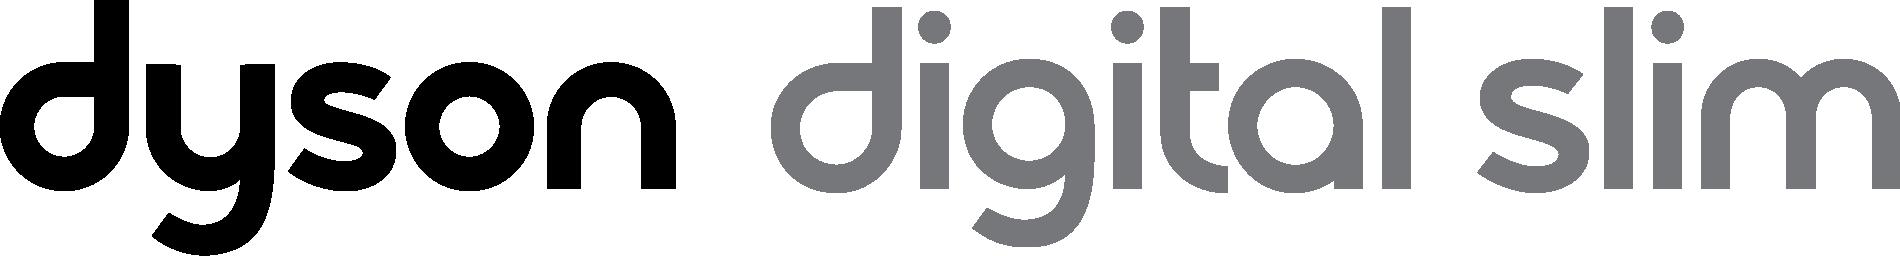 Dyson digital slim logo